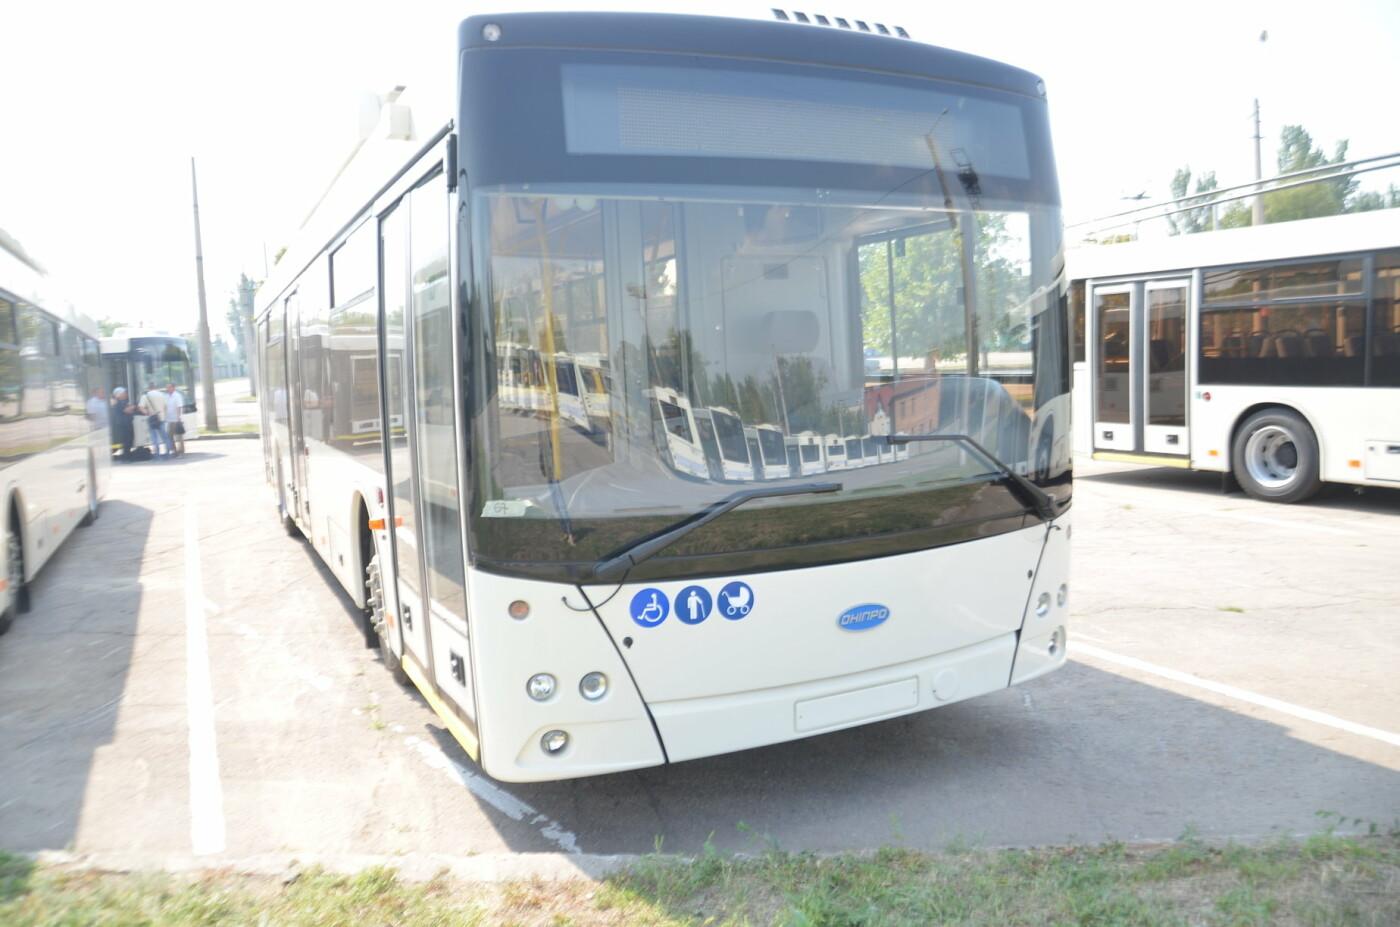 В Запорожье на линию выйдут пять новых троллейбусов с автономным ходом, - ФОТОРЕПОРТАЖ, фото-12